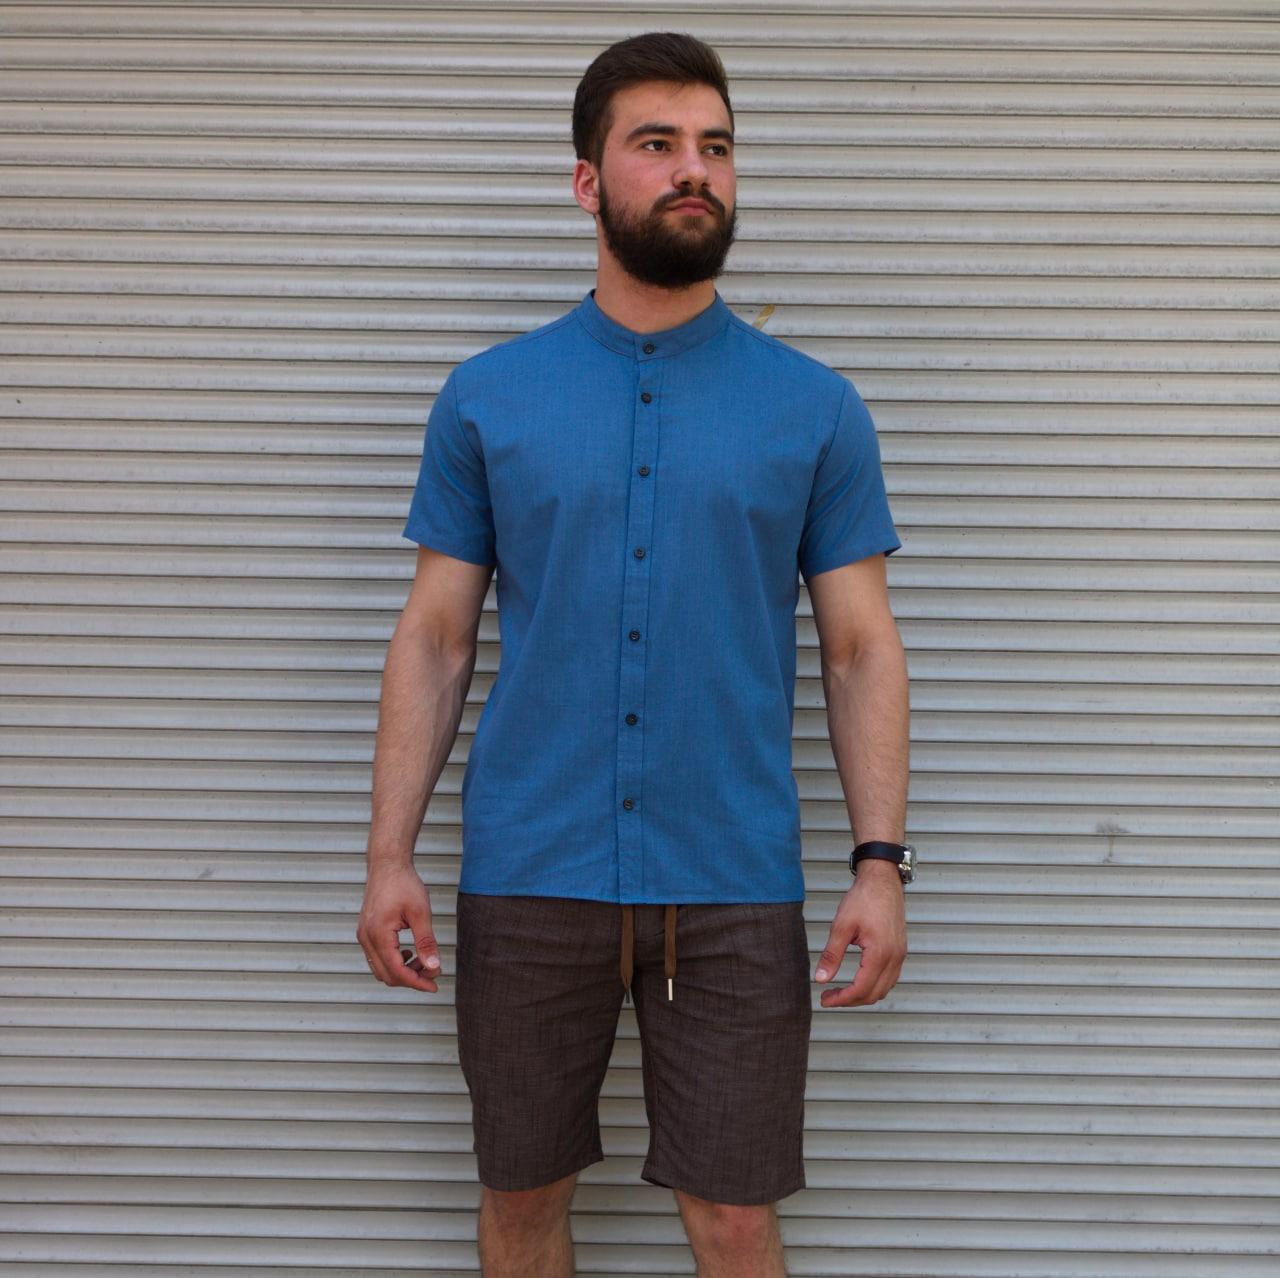 Льняная рубашка синего цвета с коротким рукавом | 100% лён